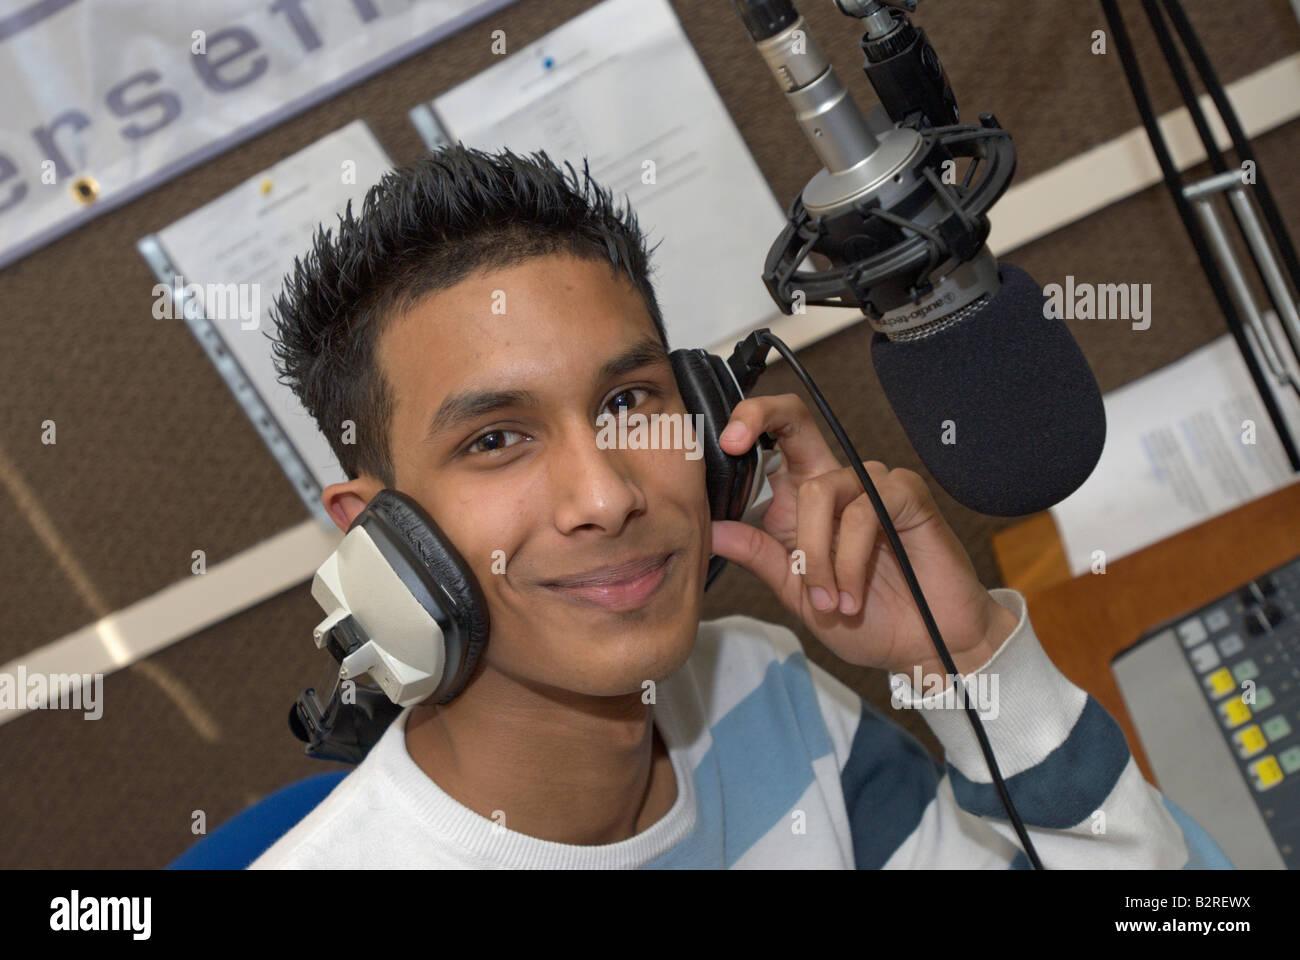 Young asian boy DJing - Stock Image